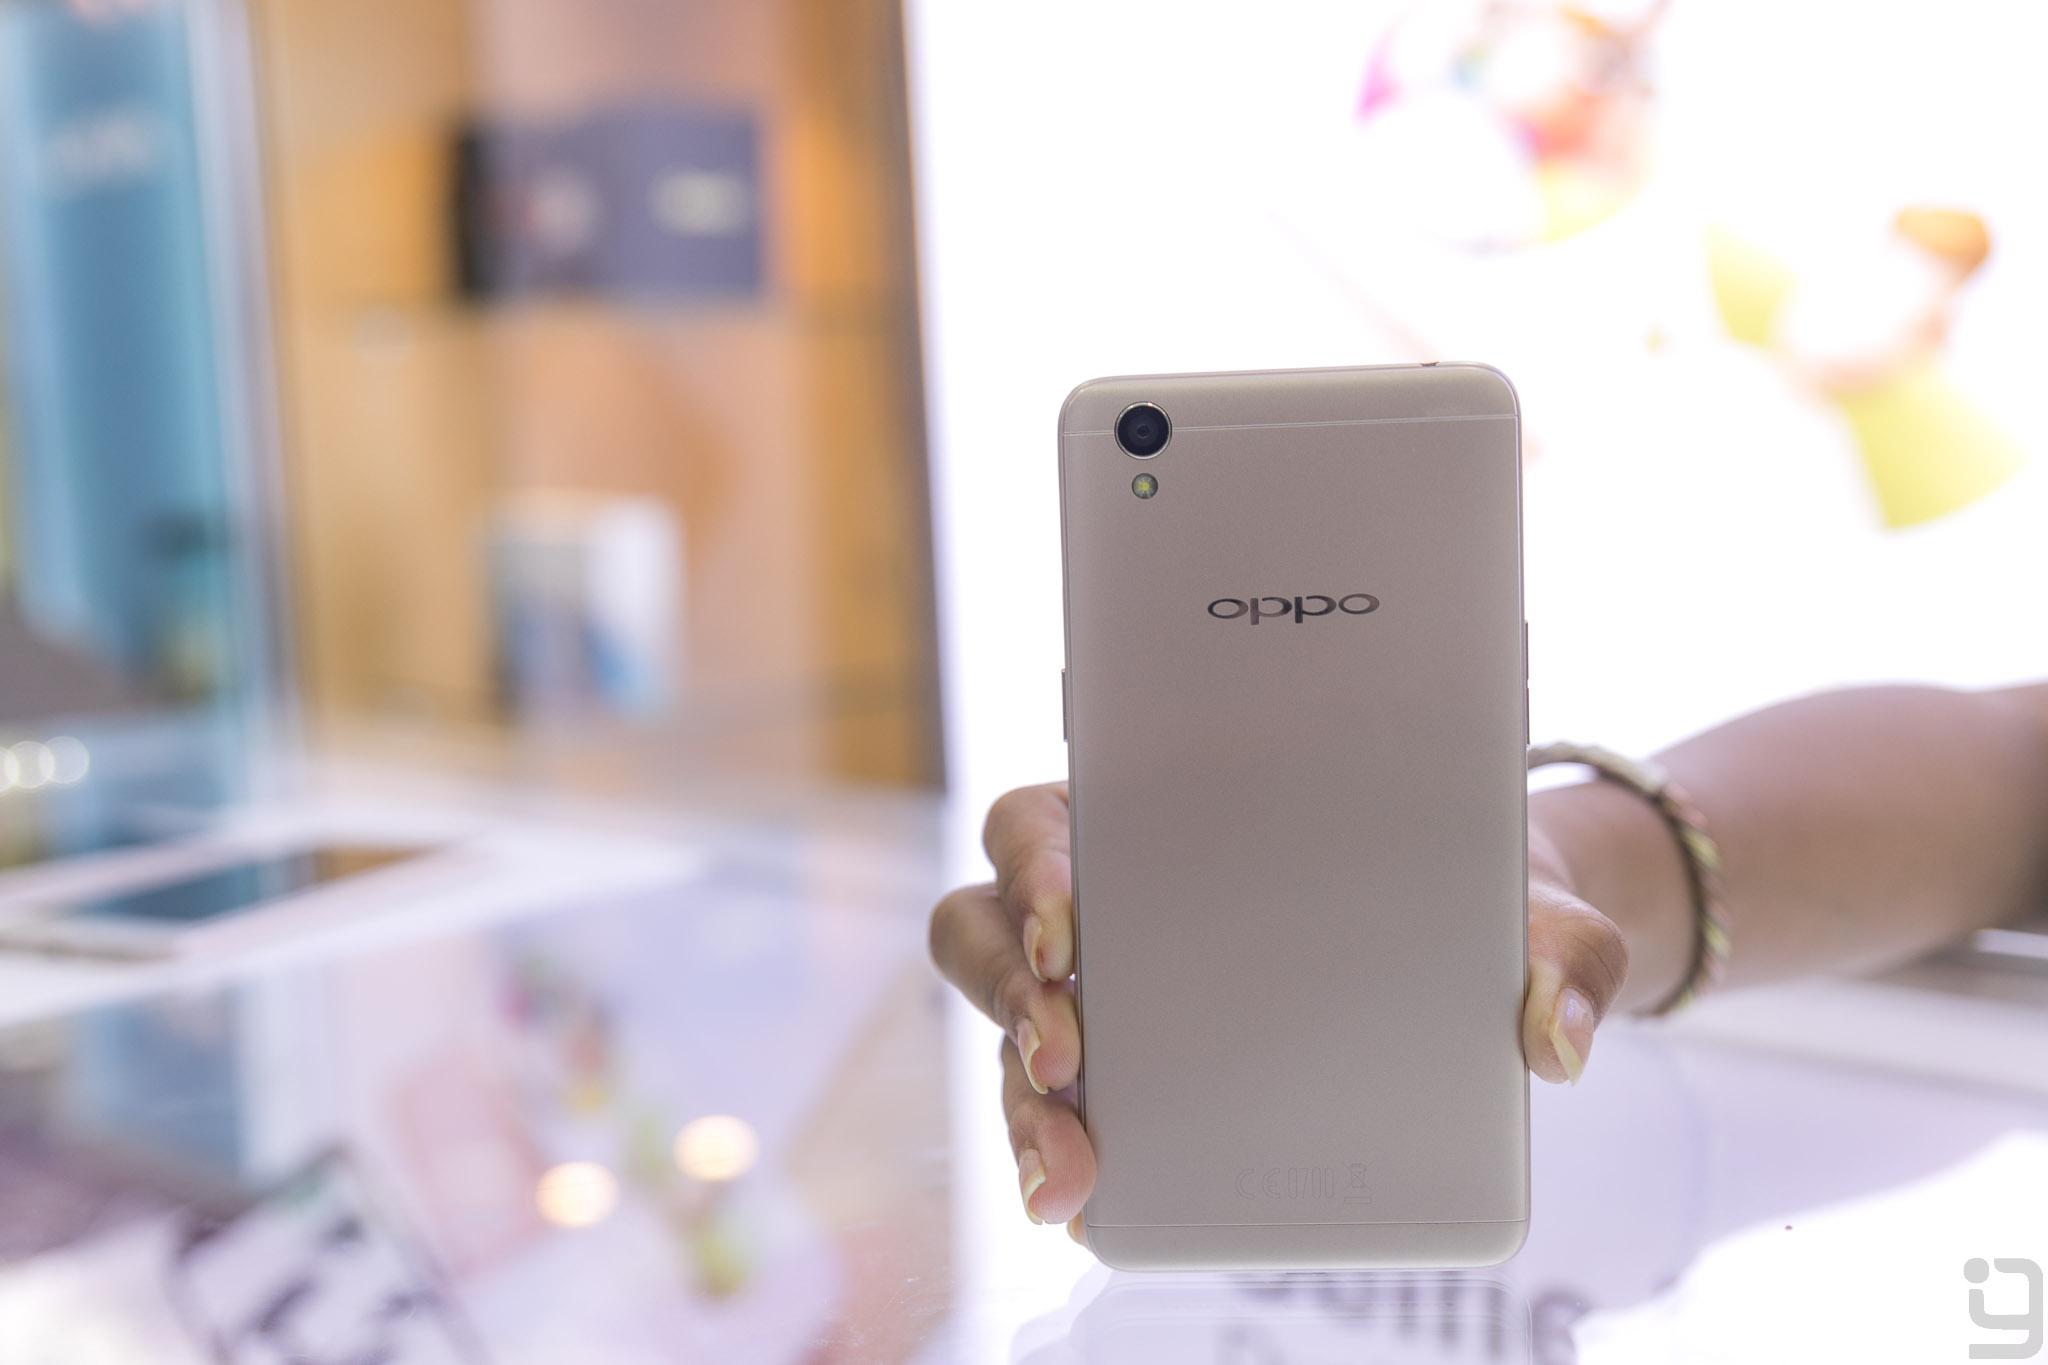 oppo a37 price in nepal | OPPO mobiles price in nepal